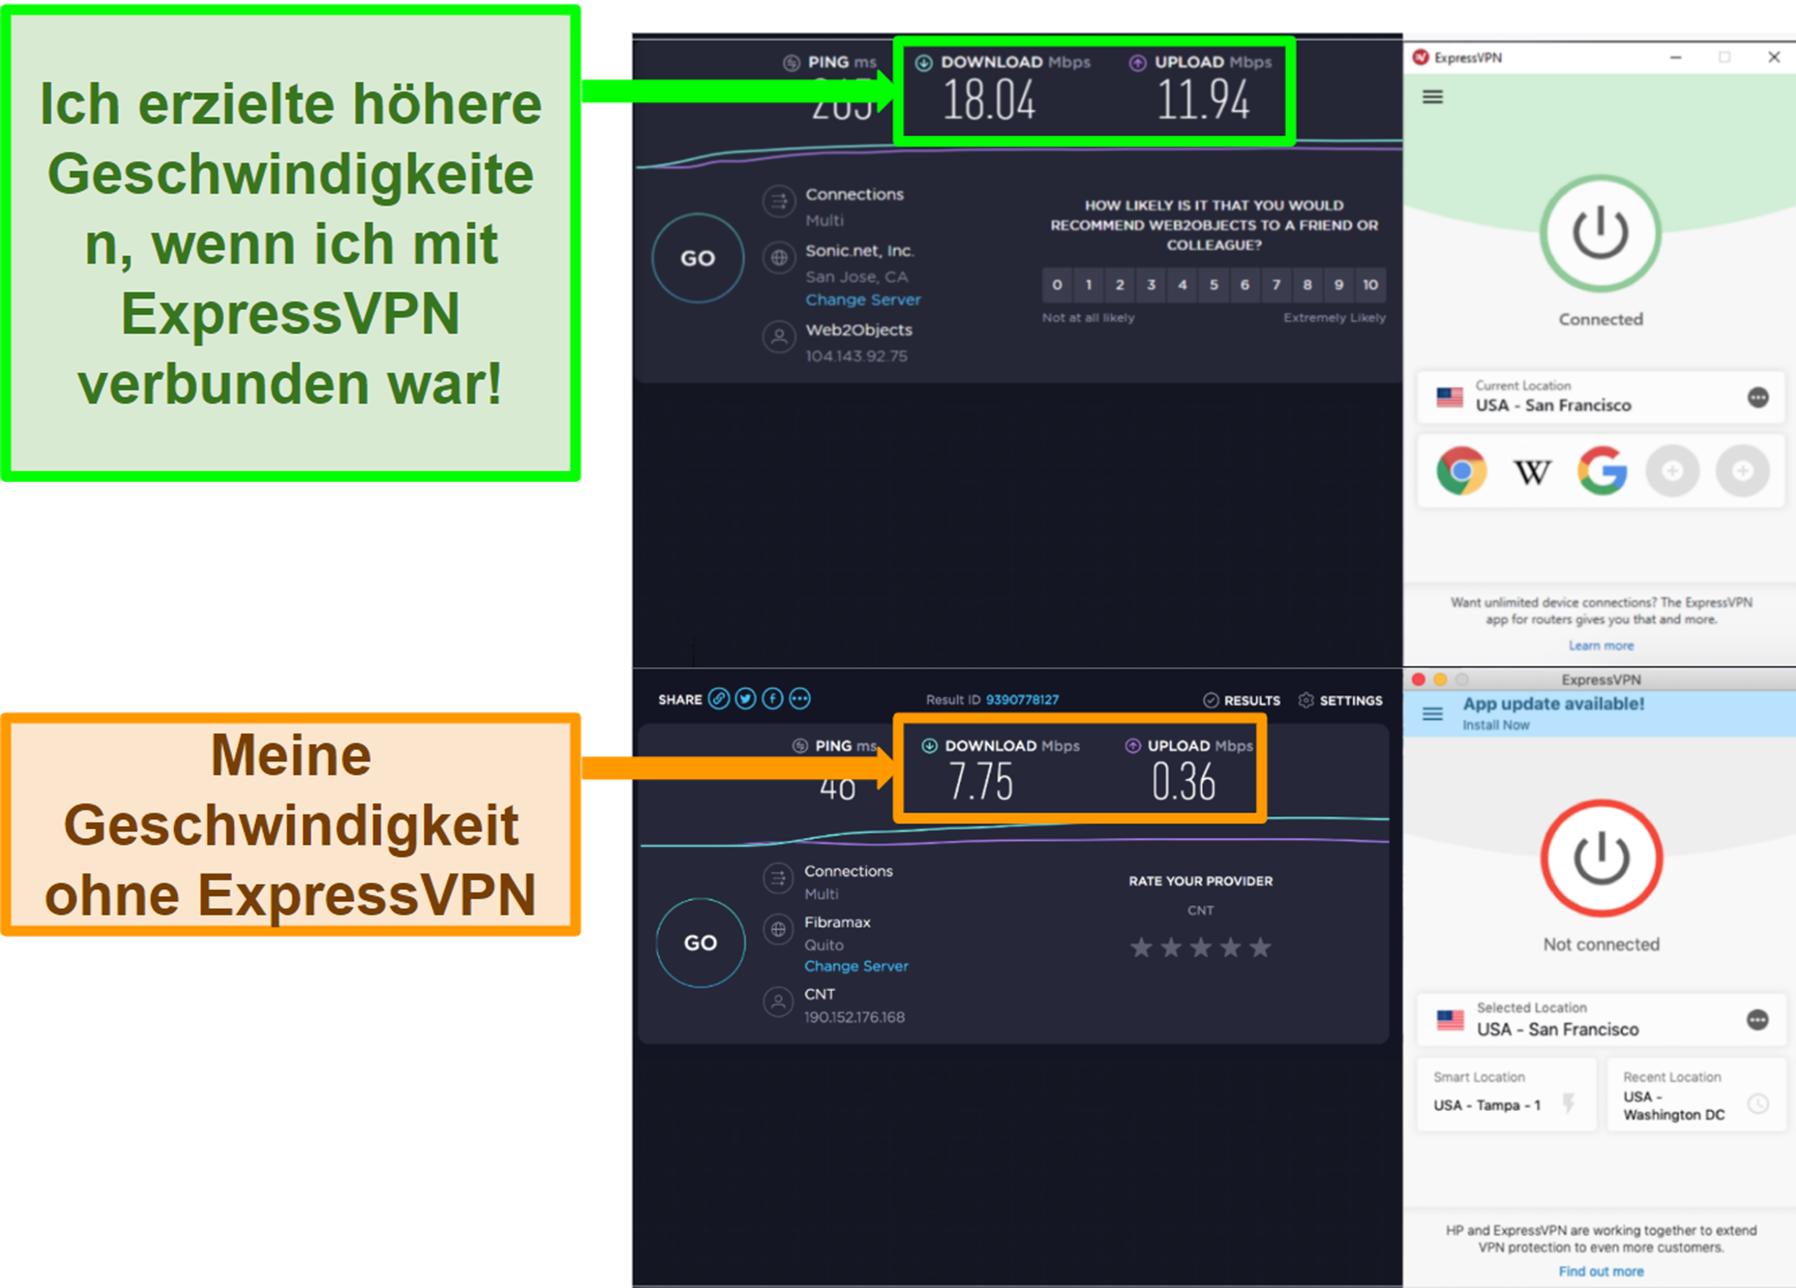 ExpressVPN hat meine Geschwindigkeit verbessert, wenn eine Verbindung zu einem US-Server besteht